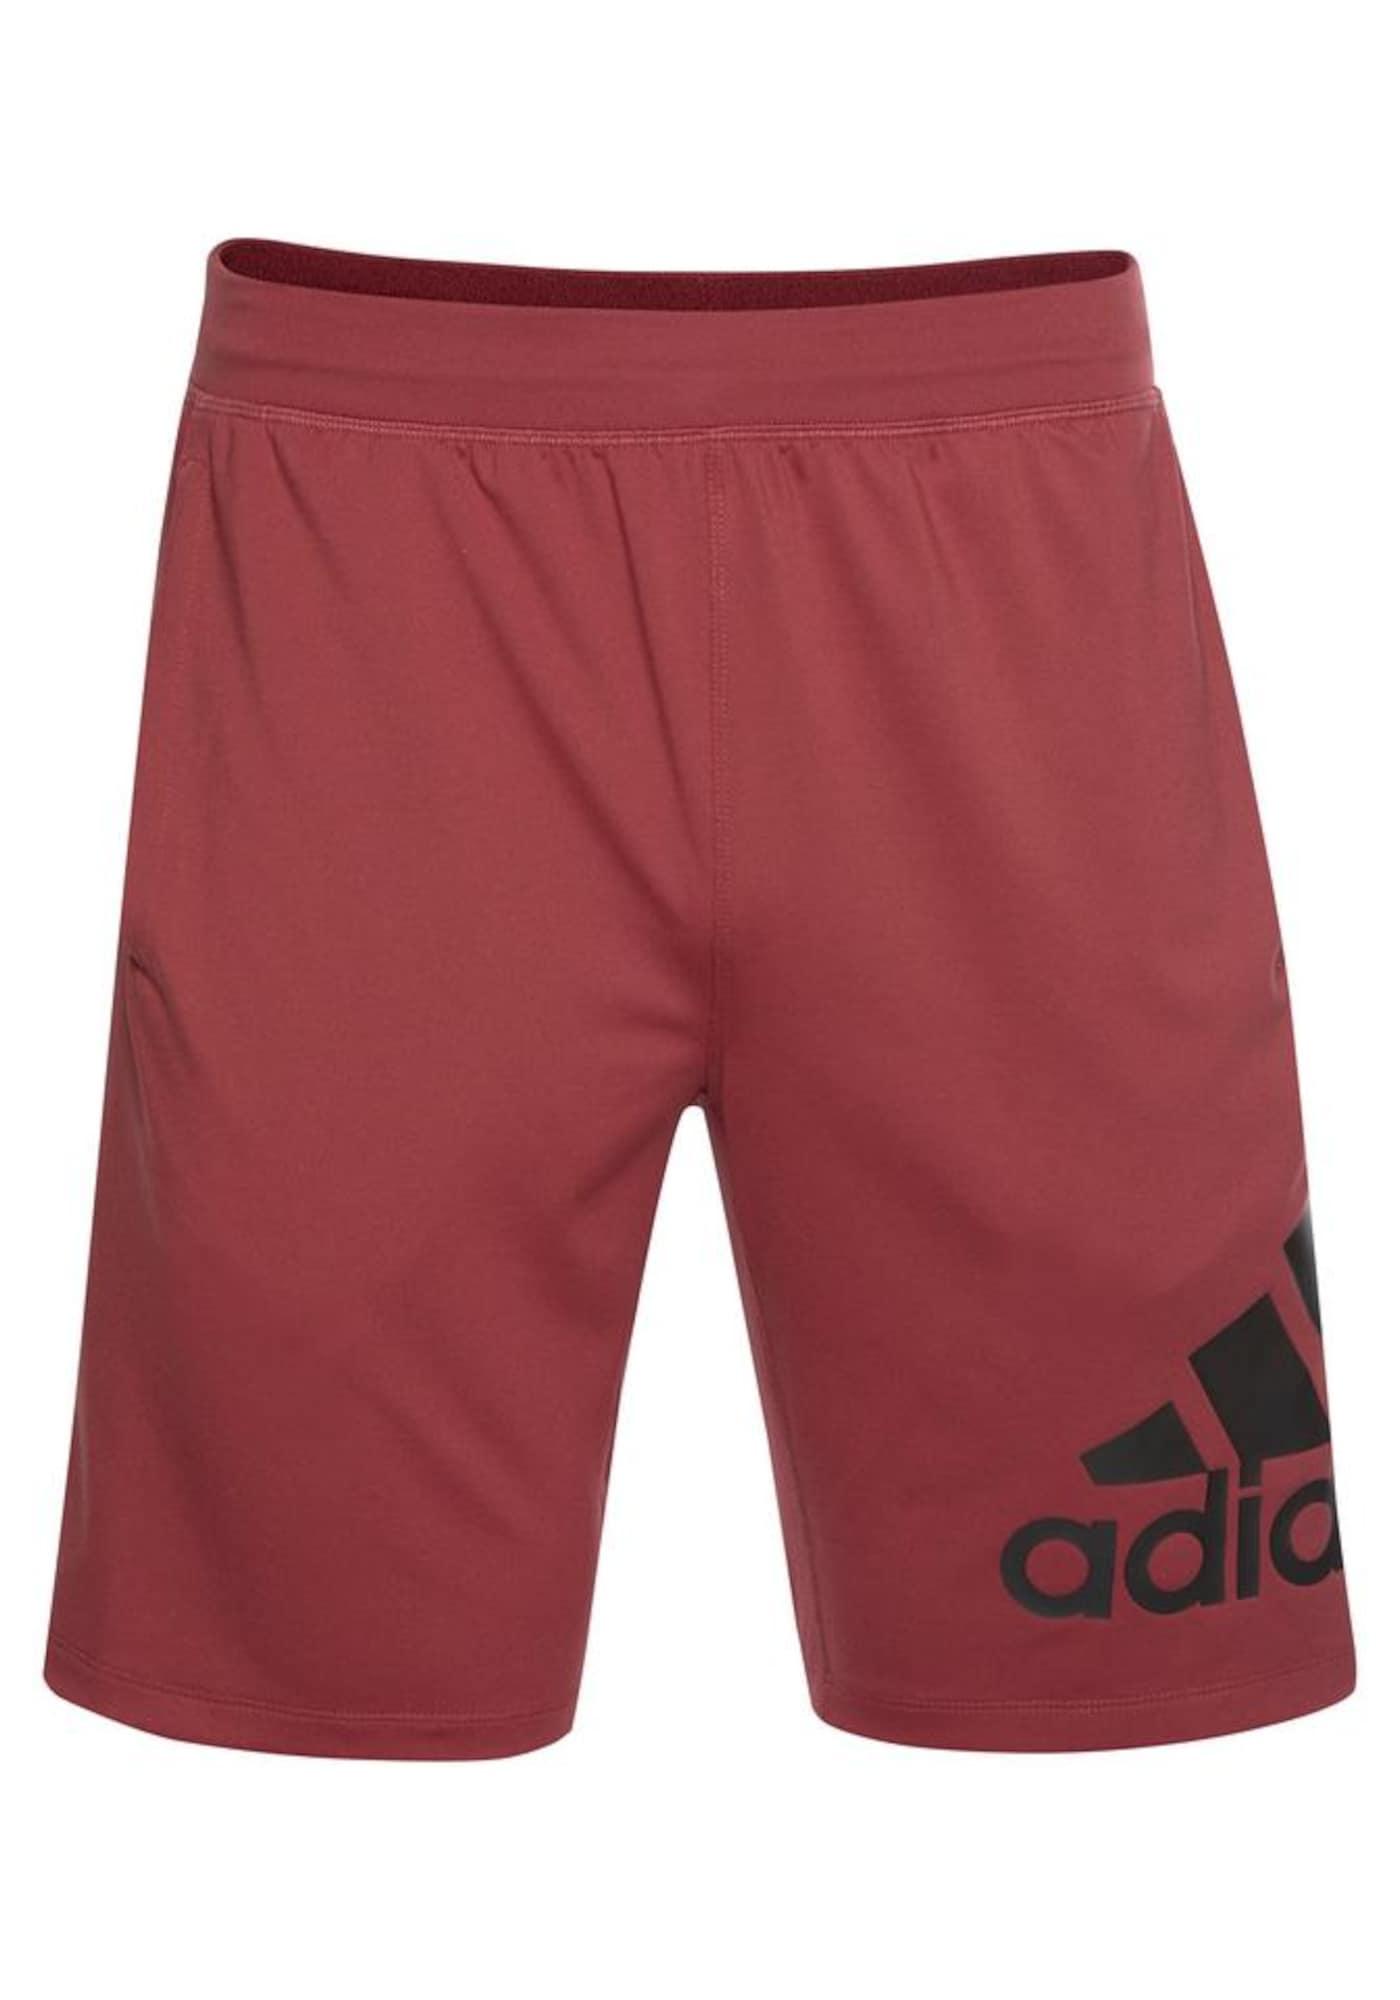 ADIDAS PERFORMANCE Sportinės kelnės vyšninė spalva / juoda